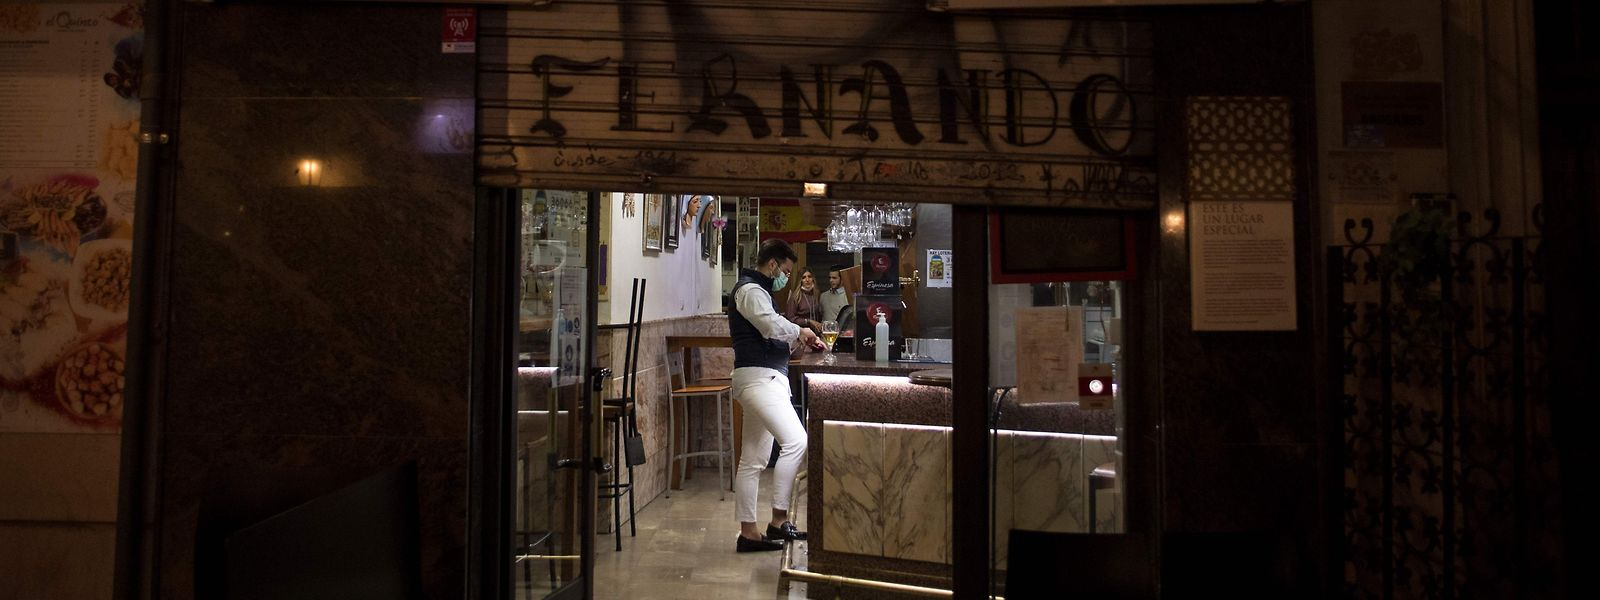 """Espanha """"está a ter perdas económicas maiores, devido também ao facto de ter sido o primeiro a voltar ao confinamento"""", disse o comissário europeu para a Economia."""